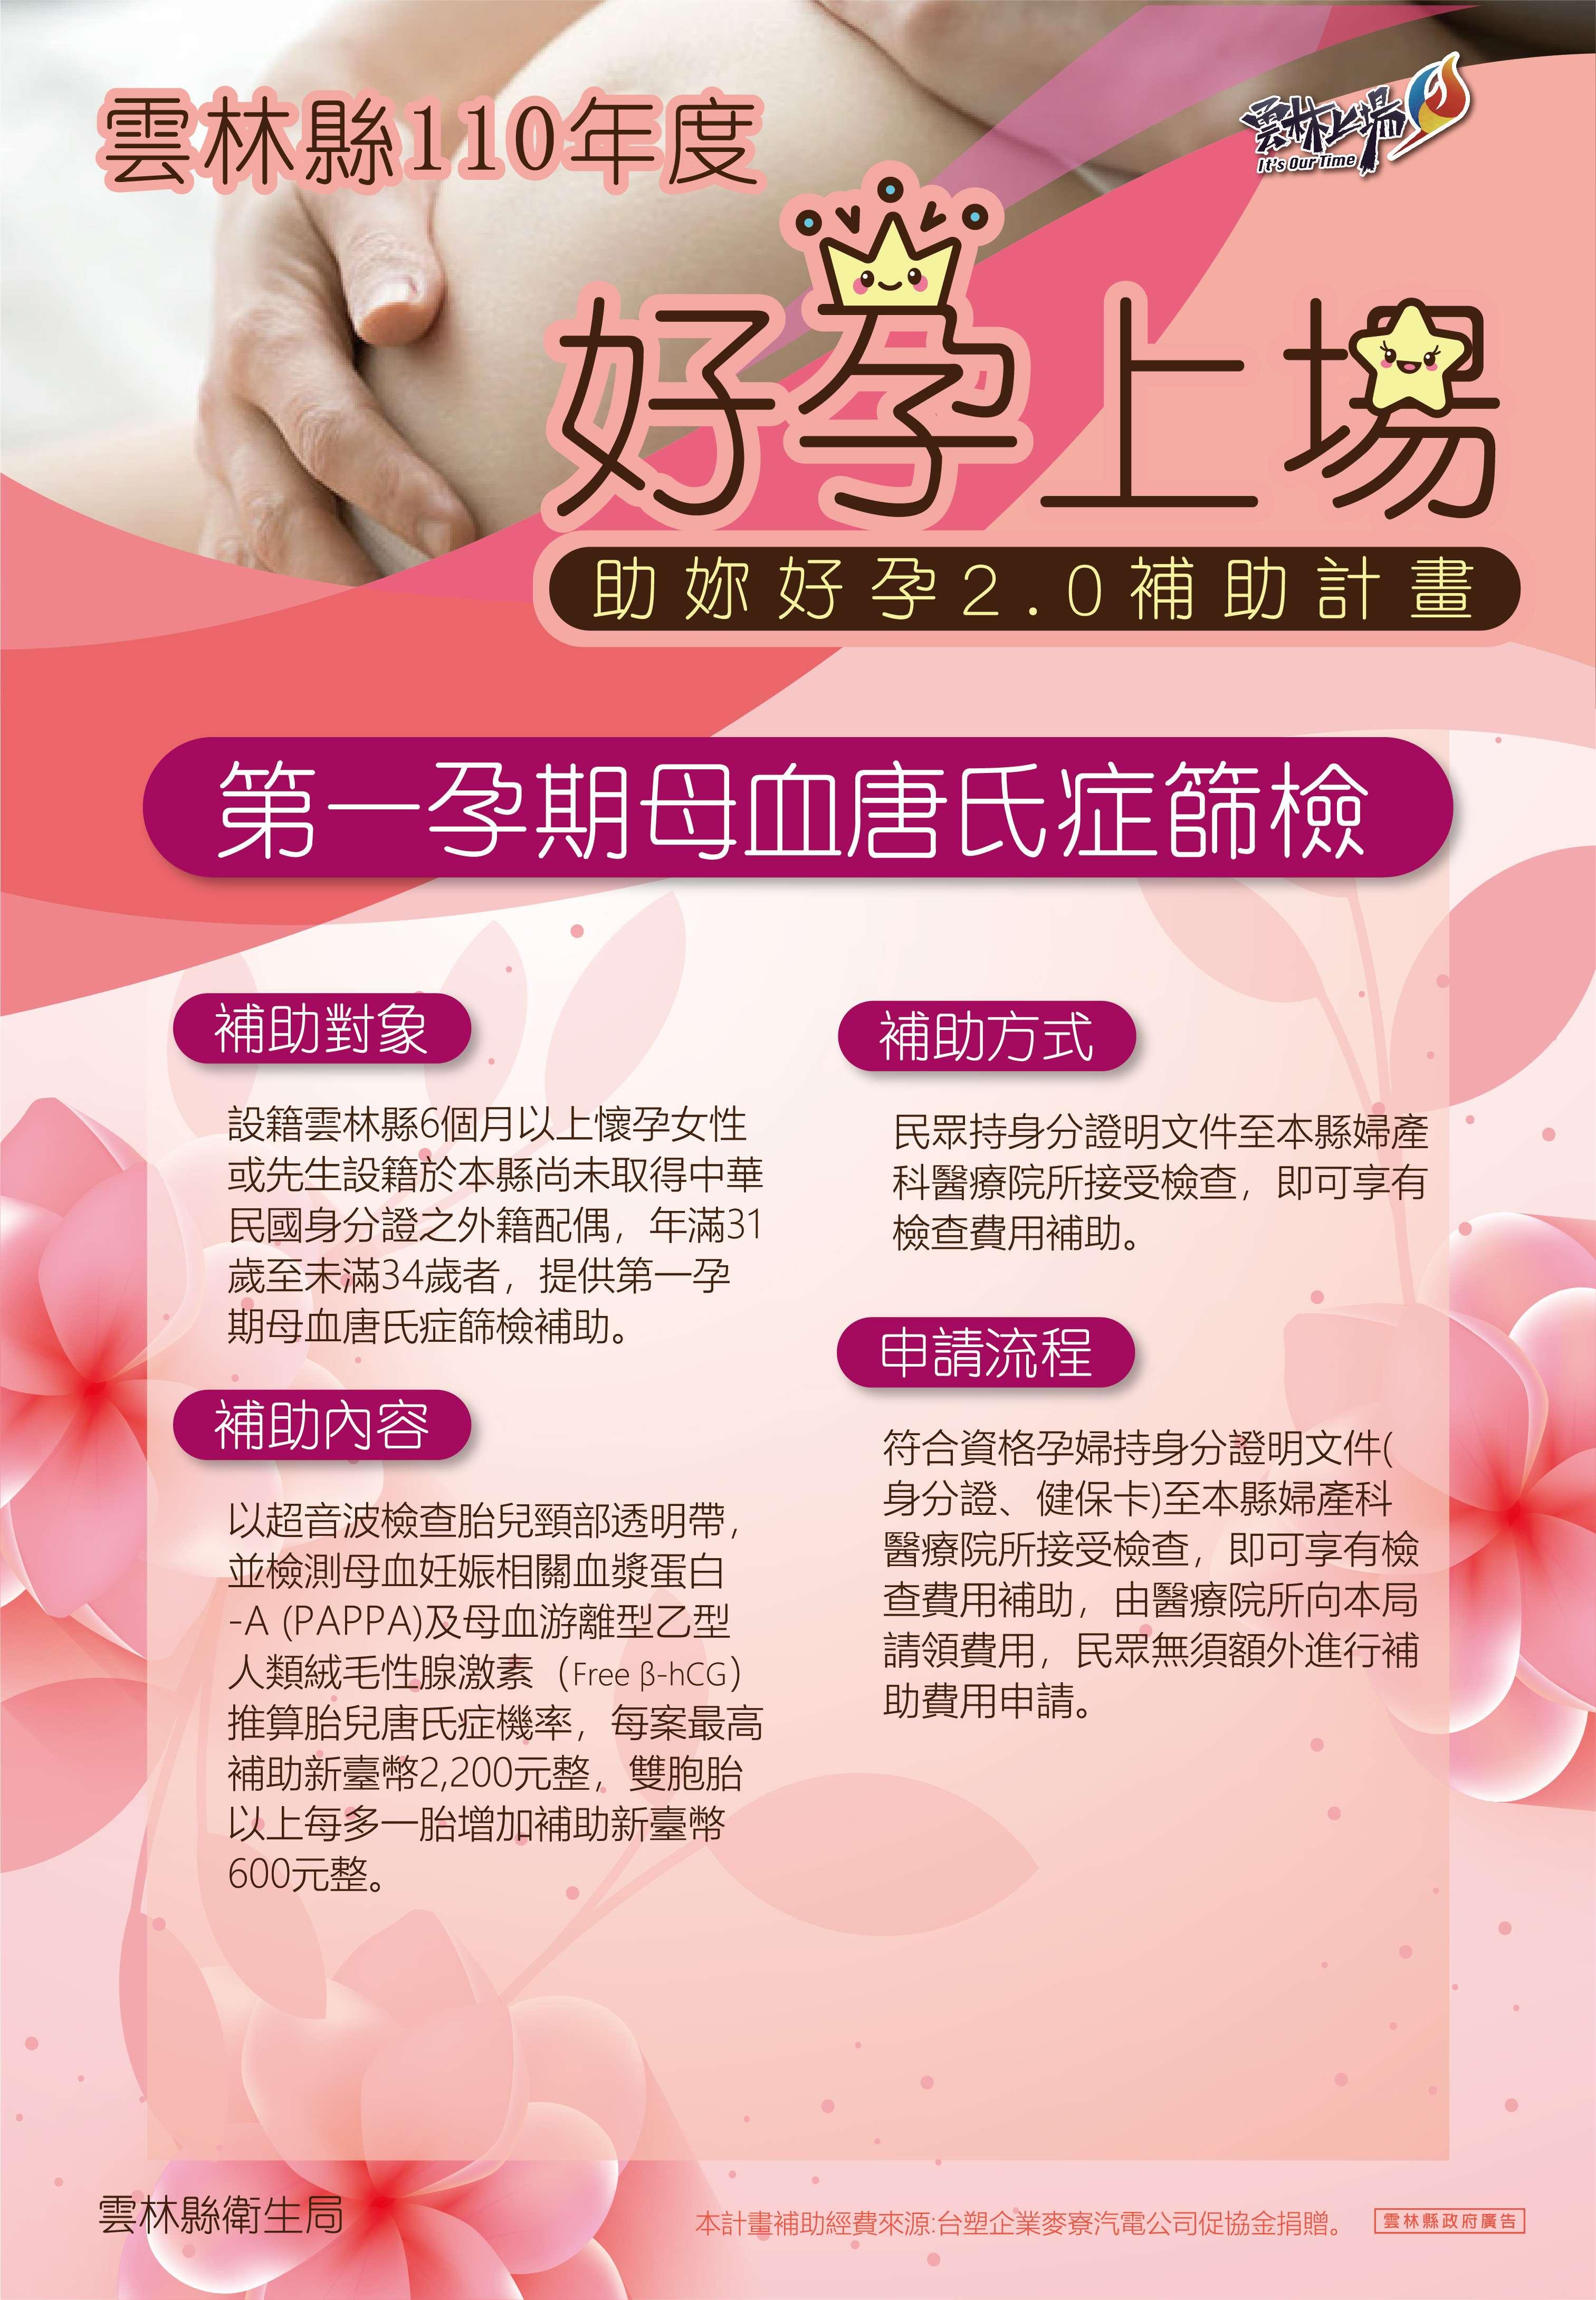 110年度 - 好孕上場(第一孕期母血唐氏症篩檢)海報